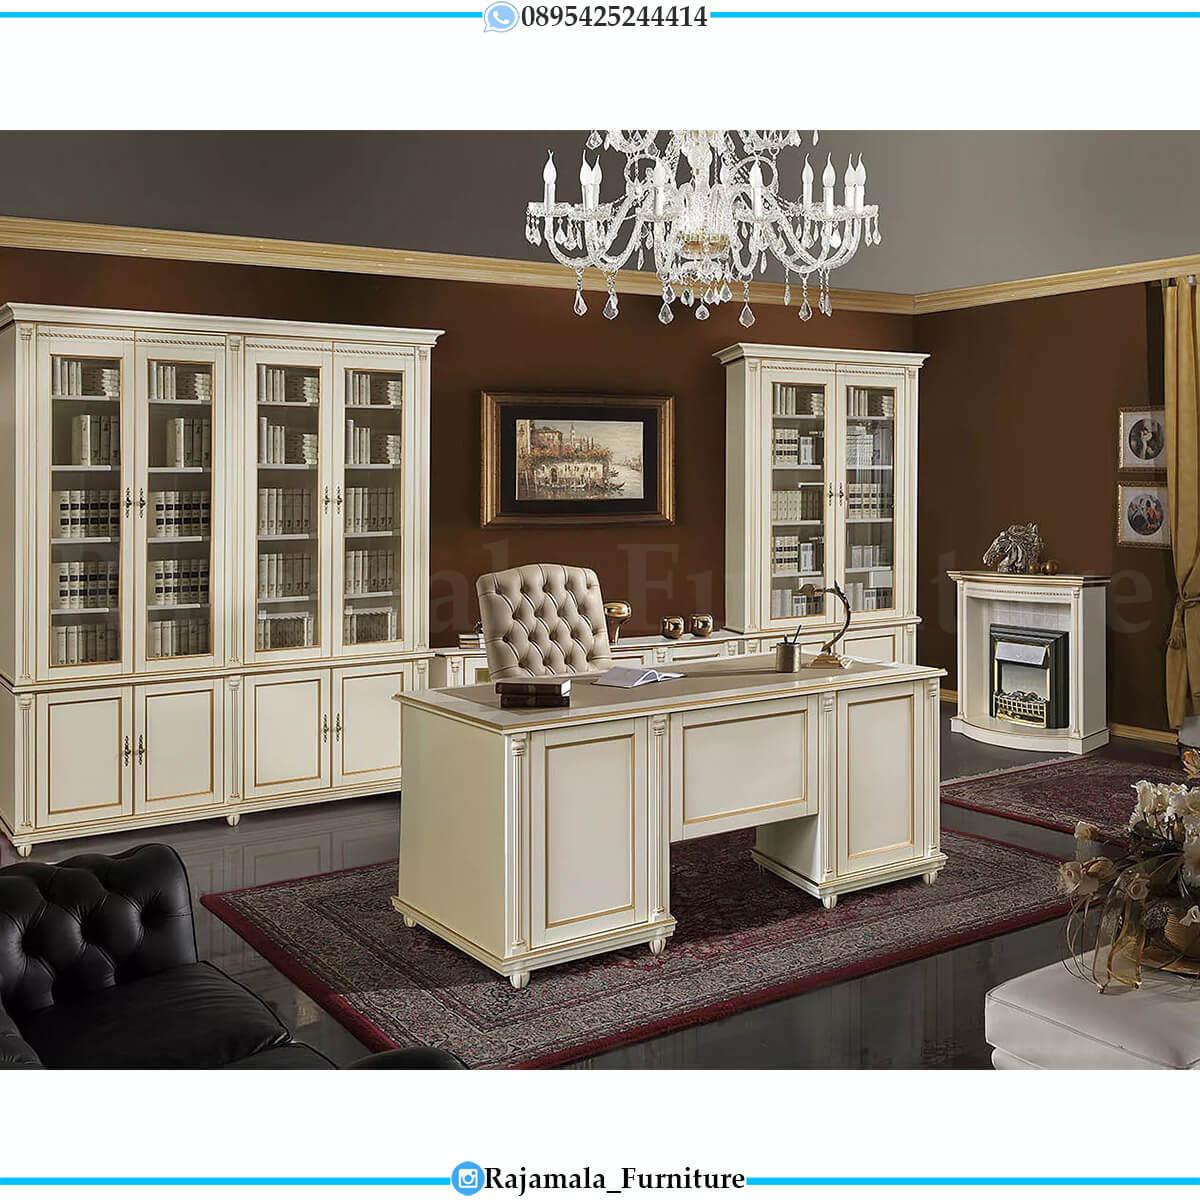 Harga Meja Kerja Mewah Putih  Best Seller Product Rajamala Furniture Jepara RM-0572